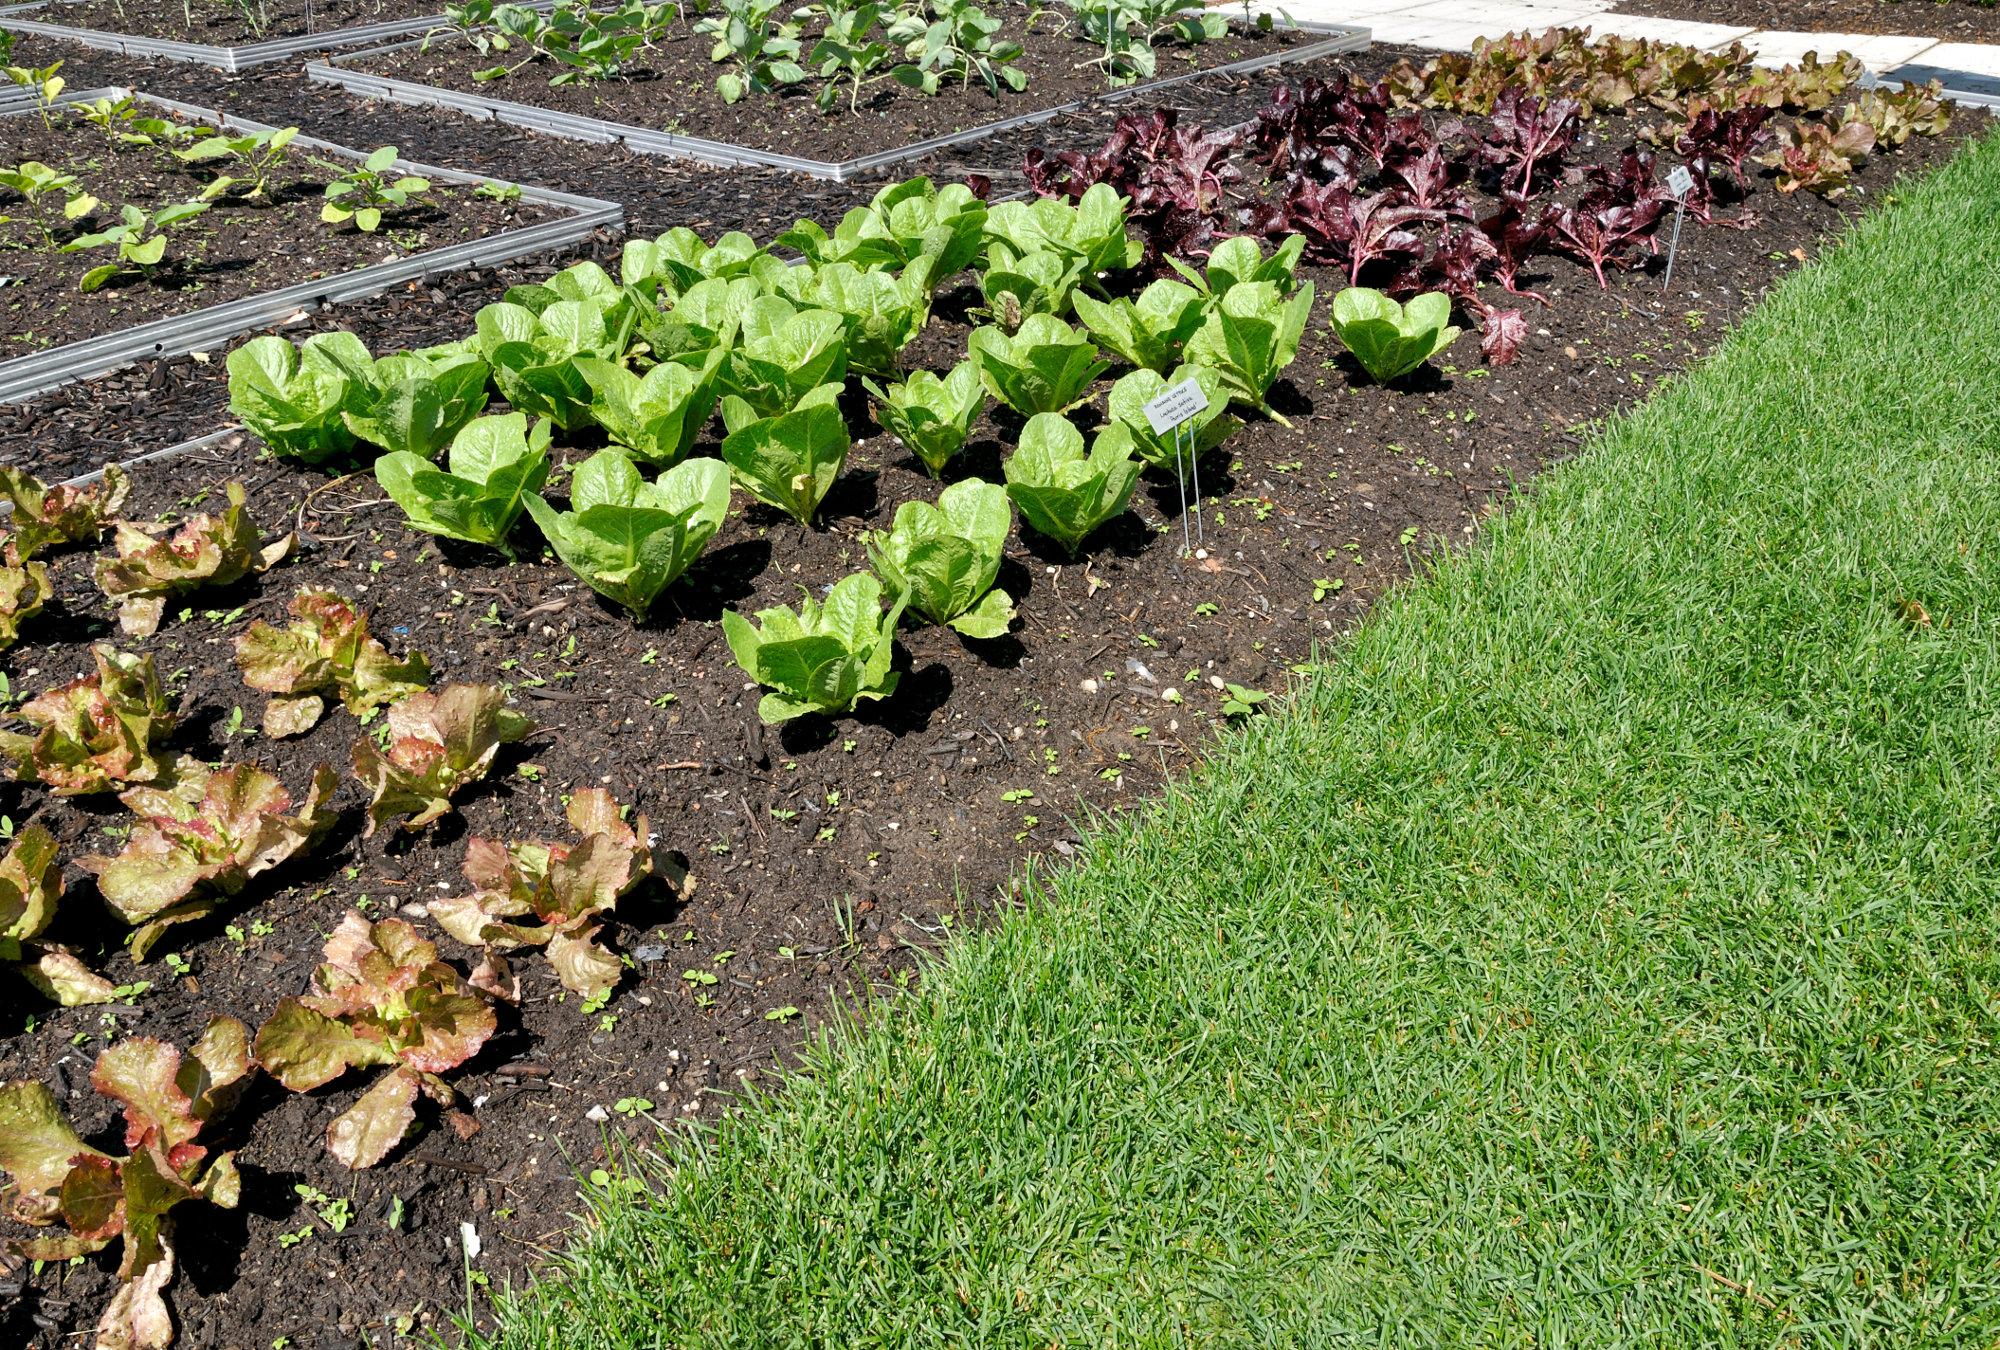 Comment réussir le semis du potager pour l'automne?